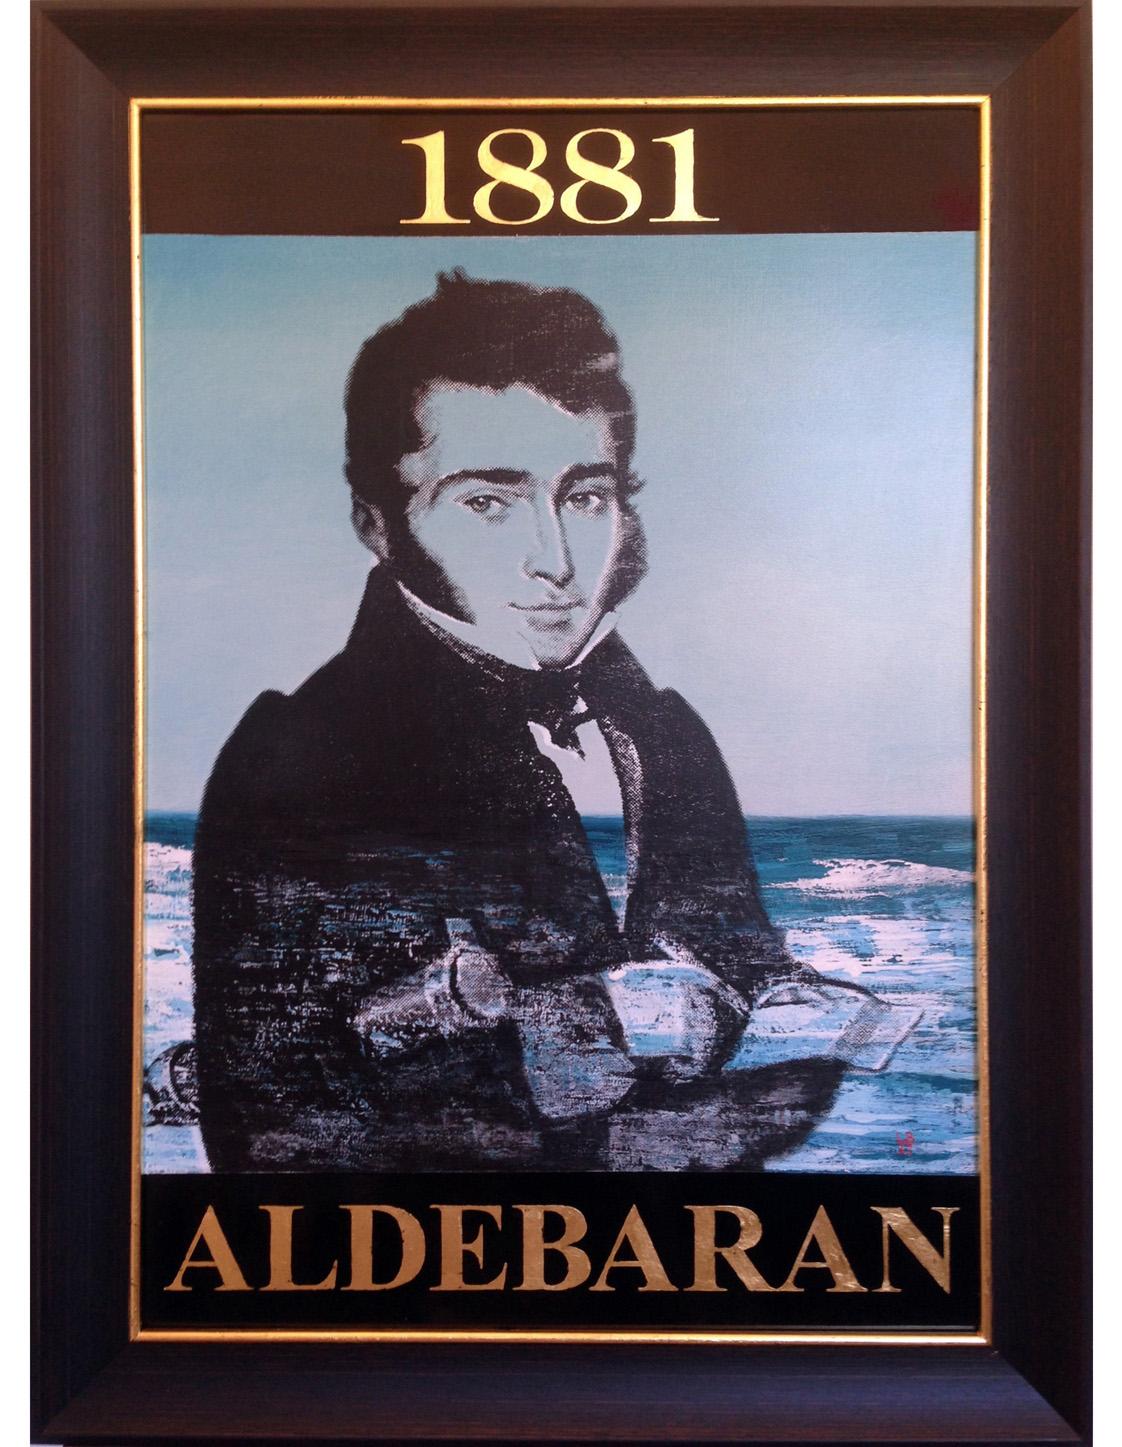 w Aldebaran 1881.jpg